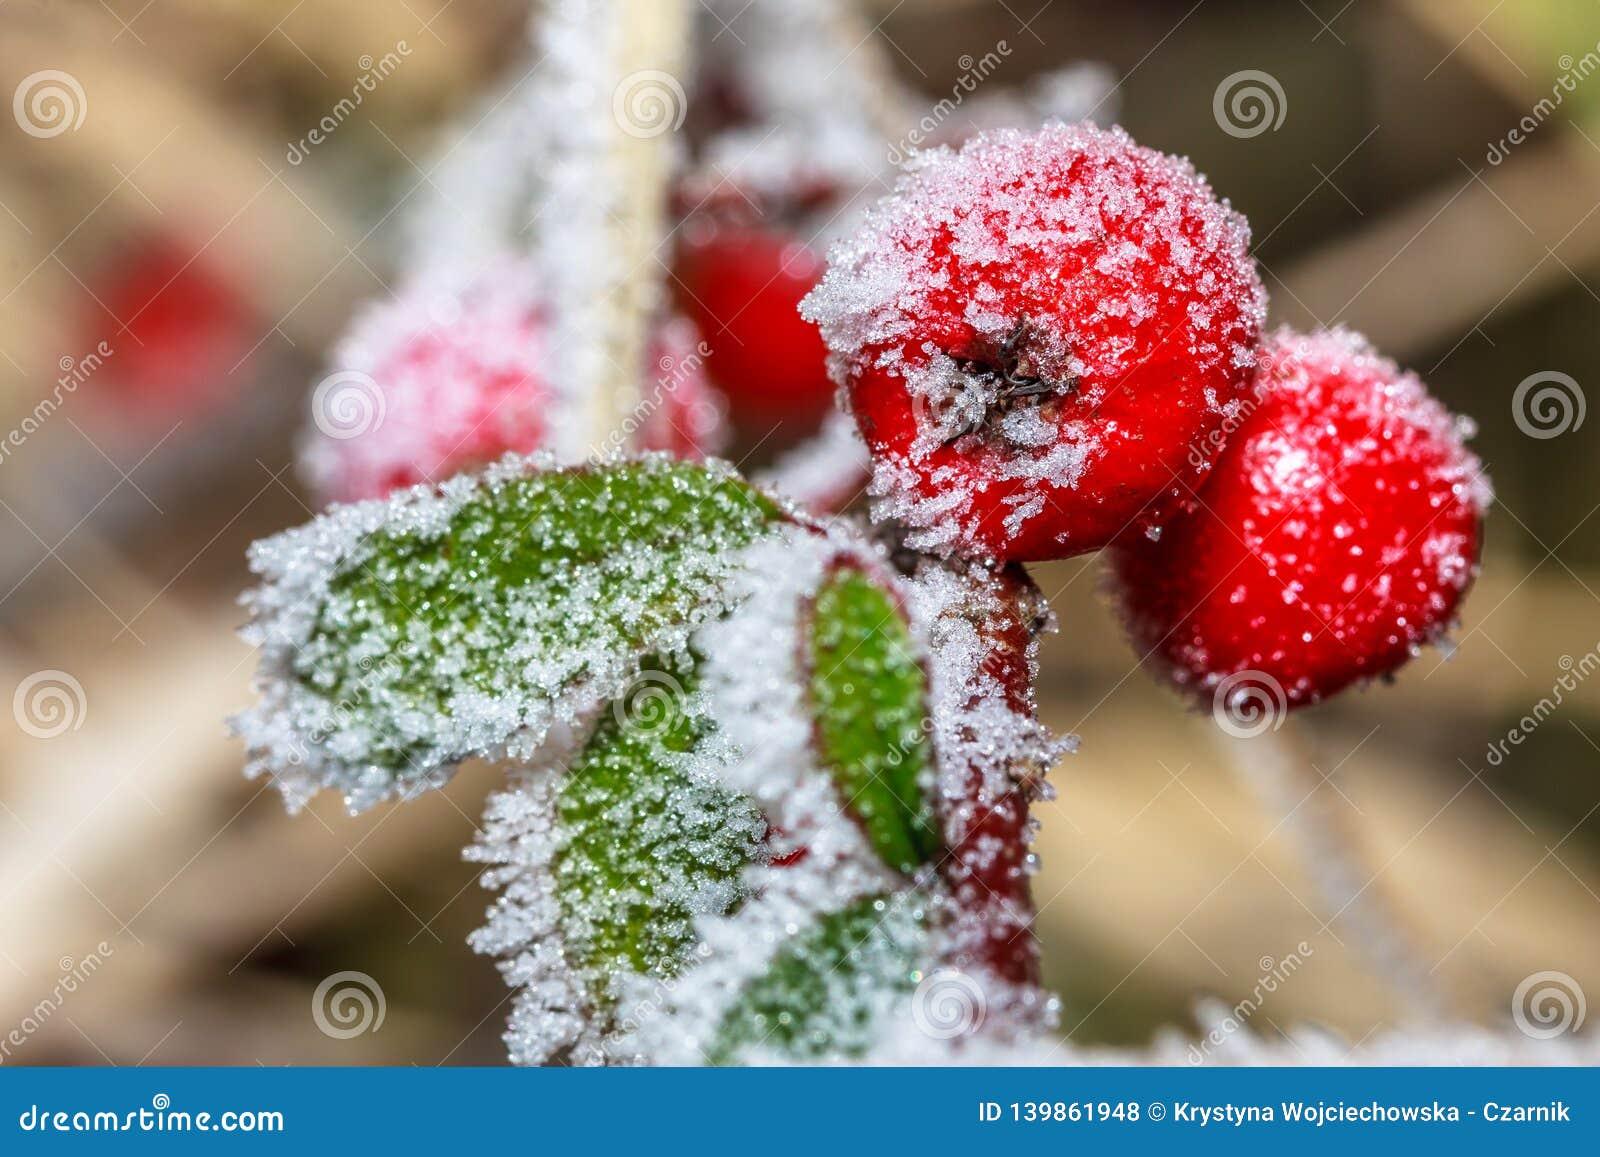 Zamarznięty uświęcony berrie